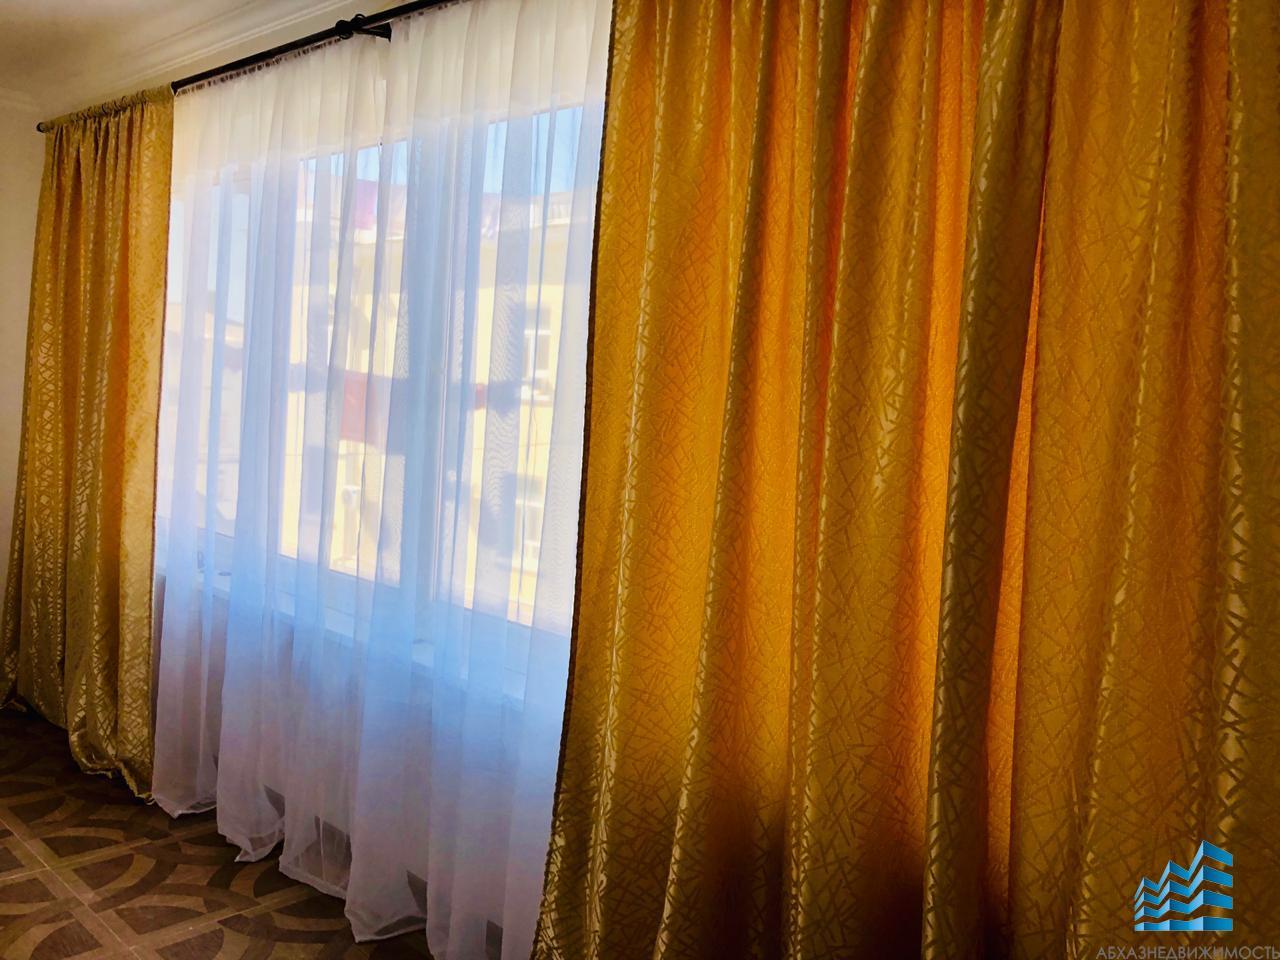 3-комнатная квартира в центре Сухума в аренду